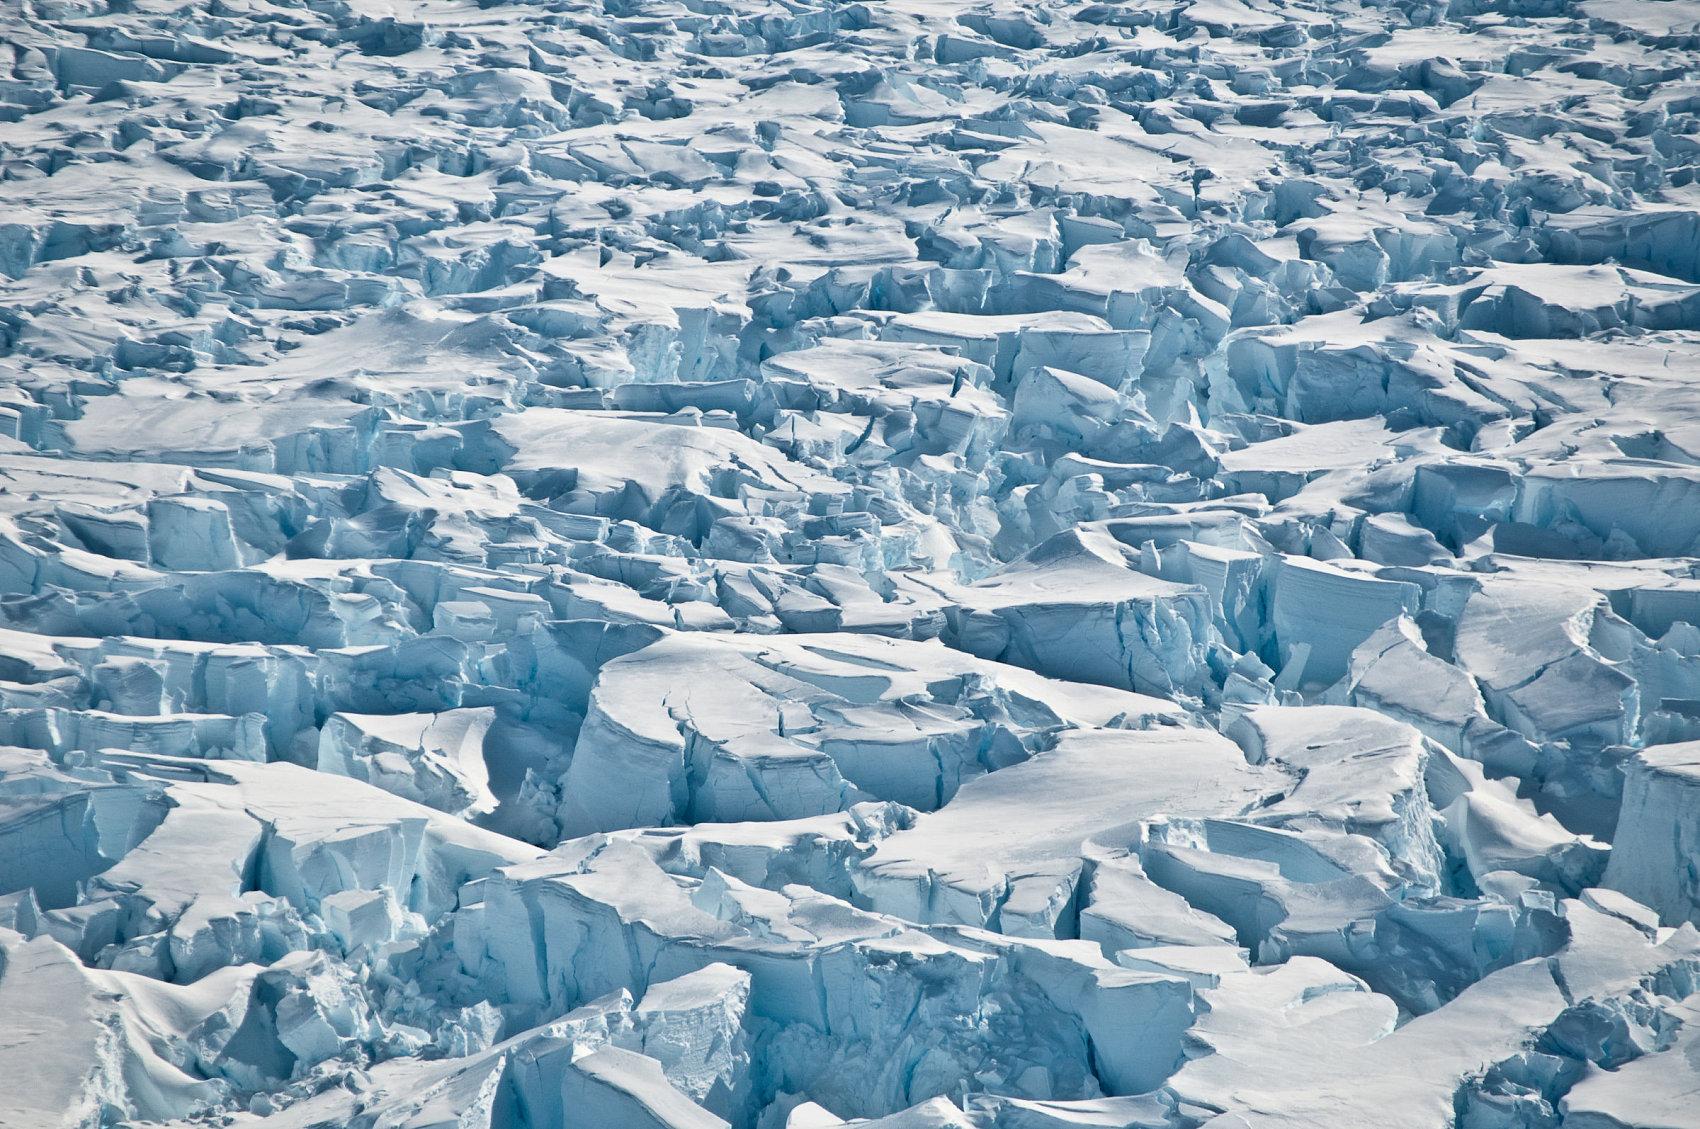 南极北极豪华邮轮火爆非常,随之而来的环保问题不容忽视